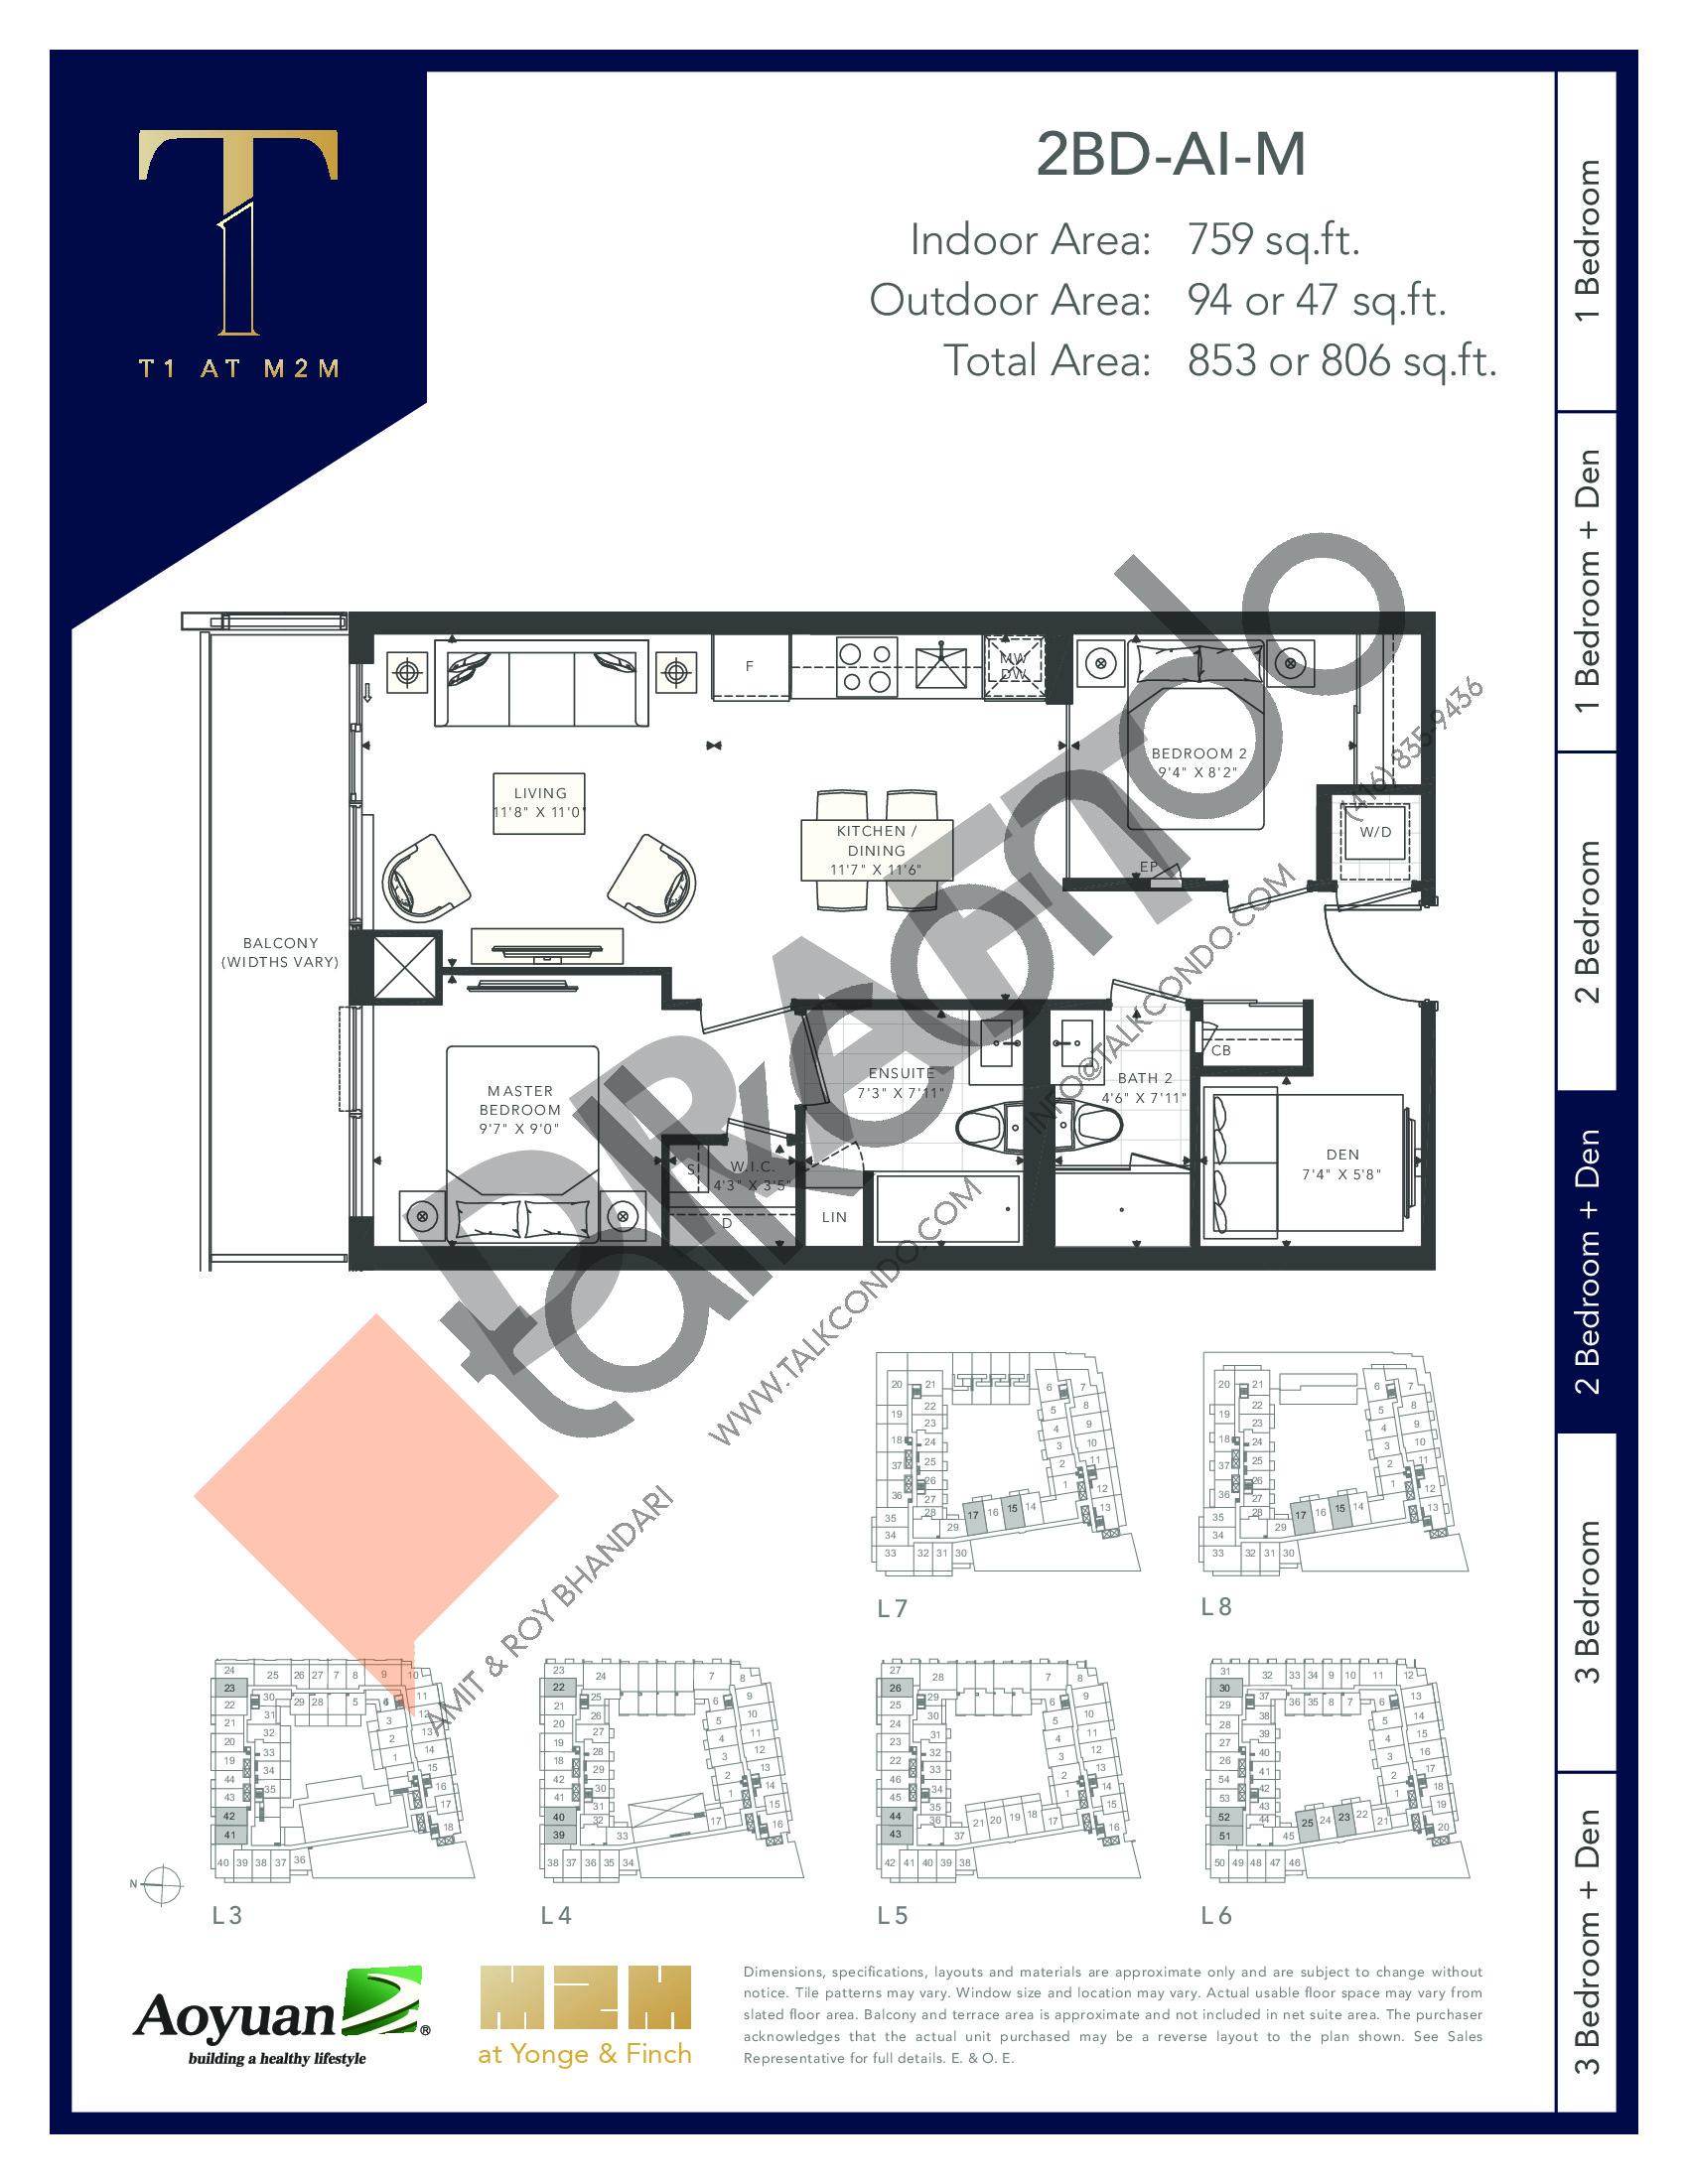 2BD-AI-M (Podium) Floor Plan at T1 at M2M Condos - 759 sq.ft